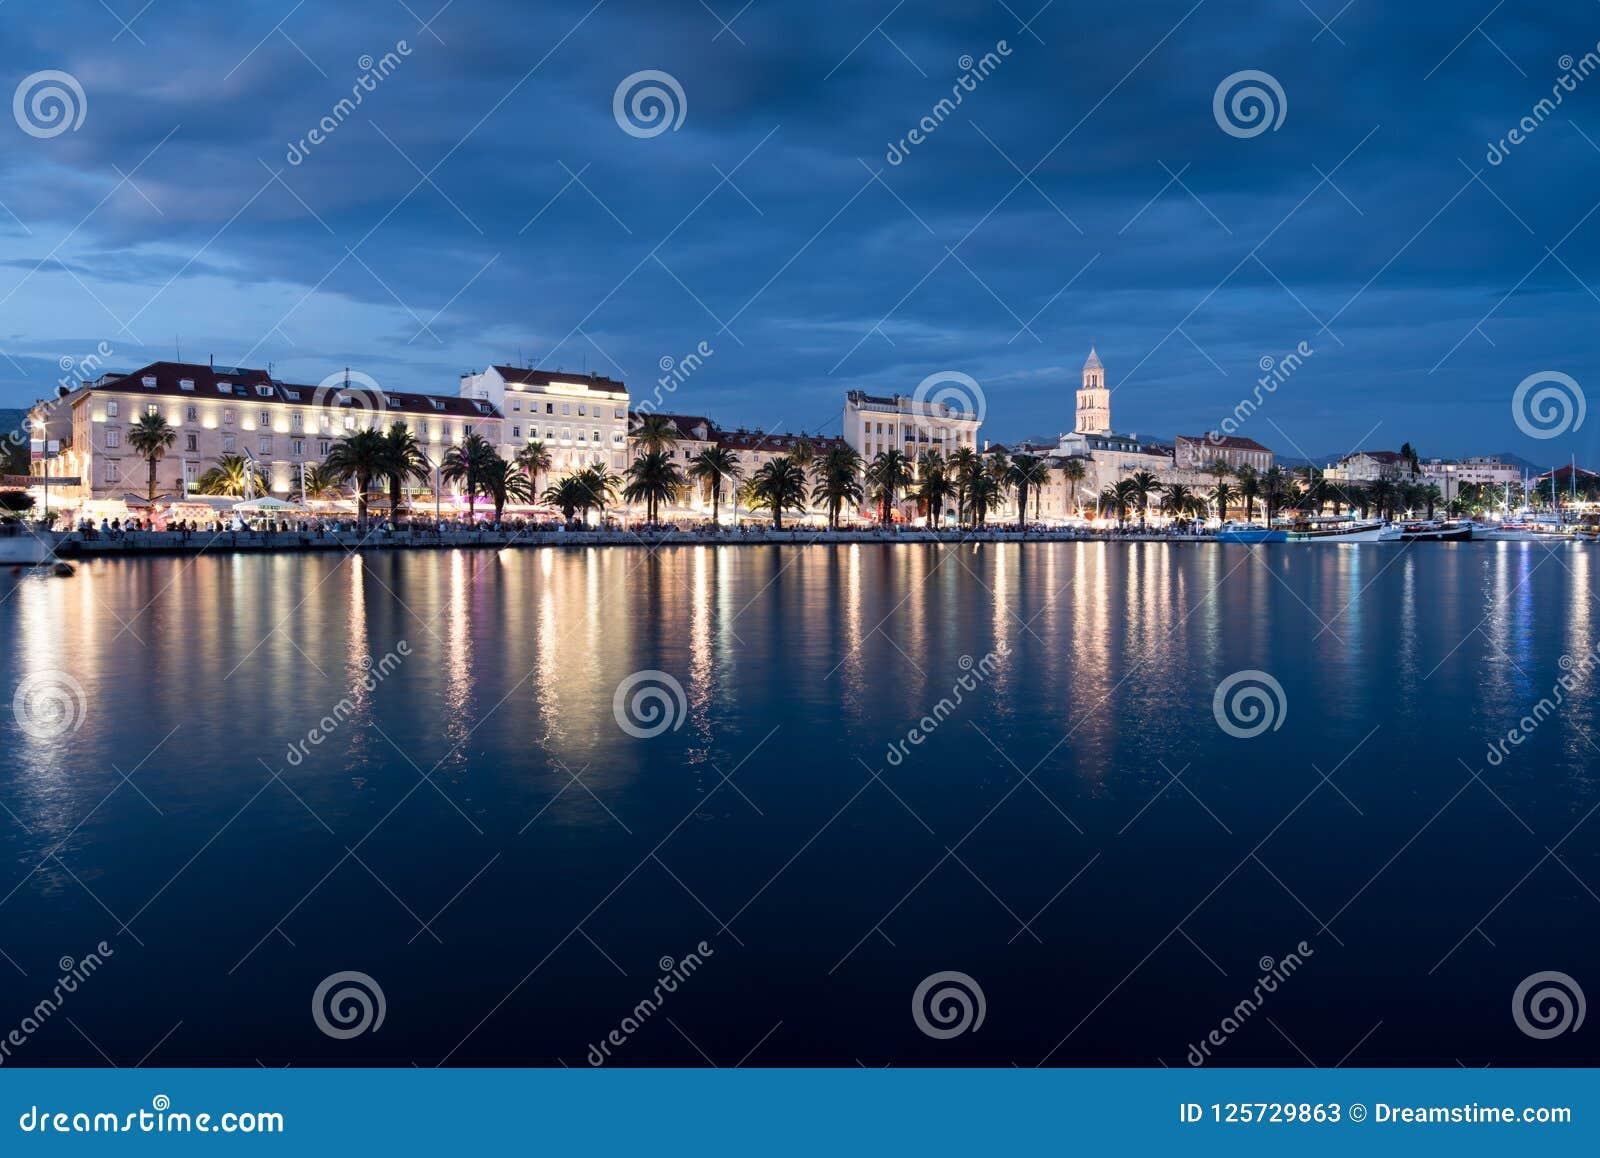 Ville de fente en Croatie la nuit, Mer Adriatique